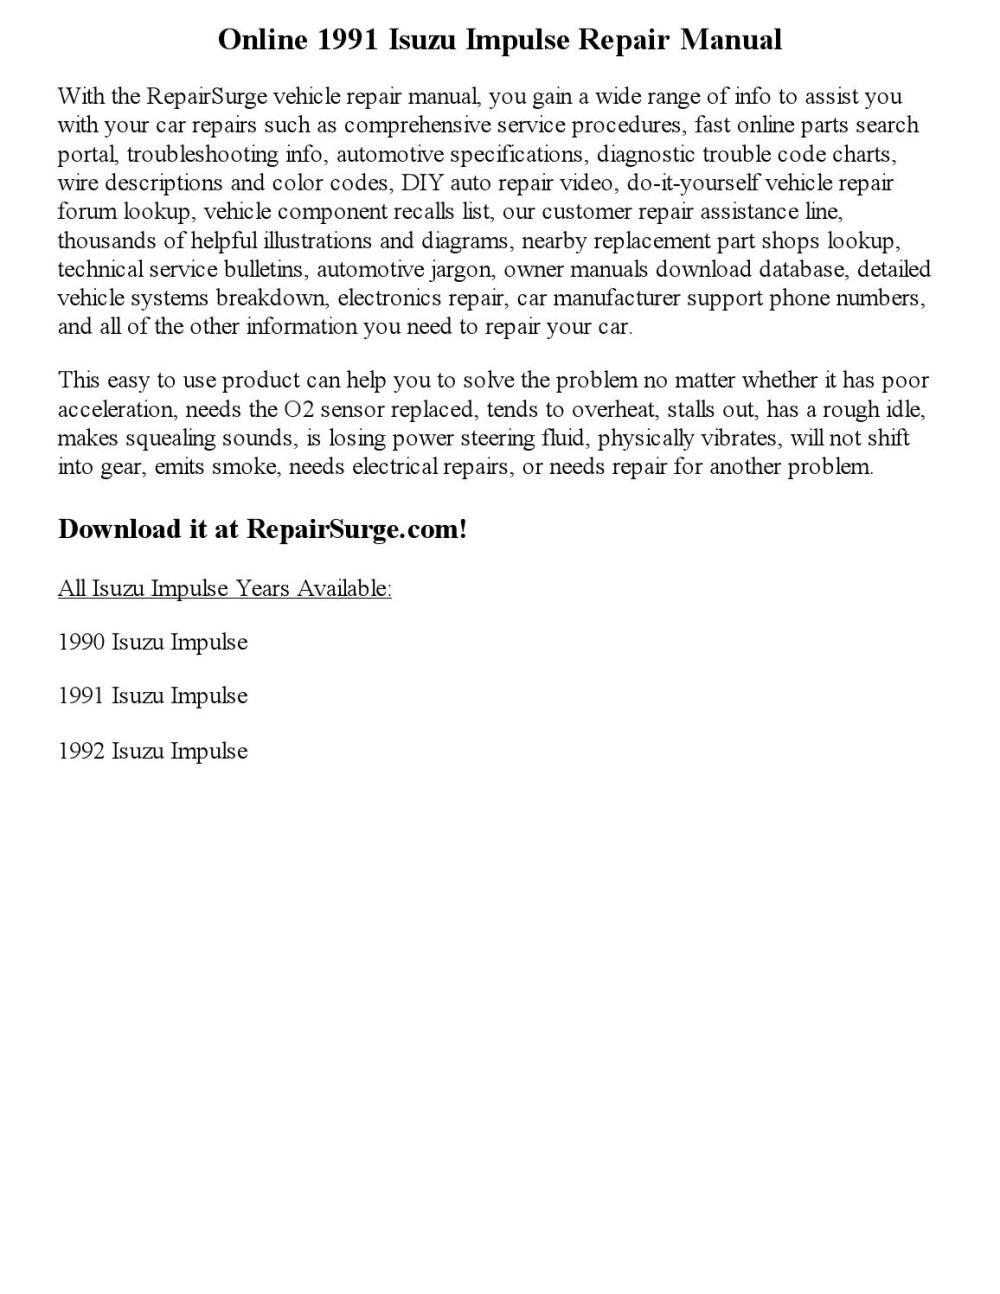 medium resolution of 1991 isuzu impulse repair manual online